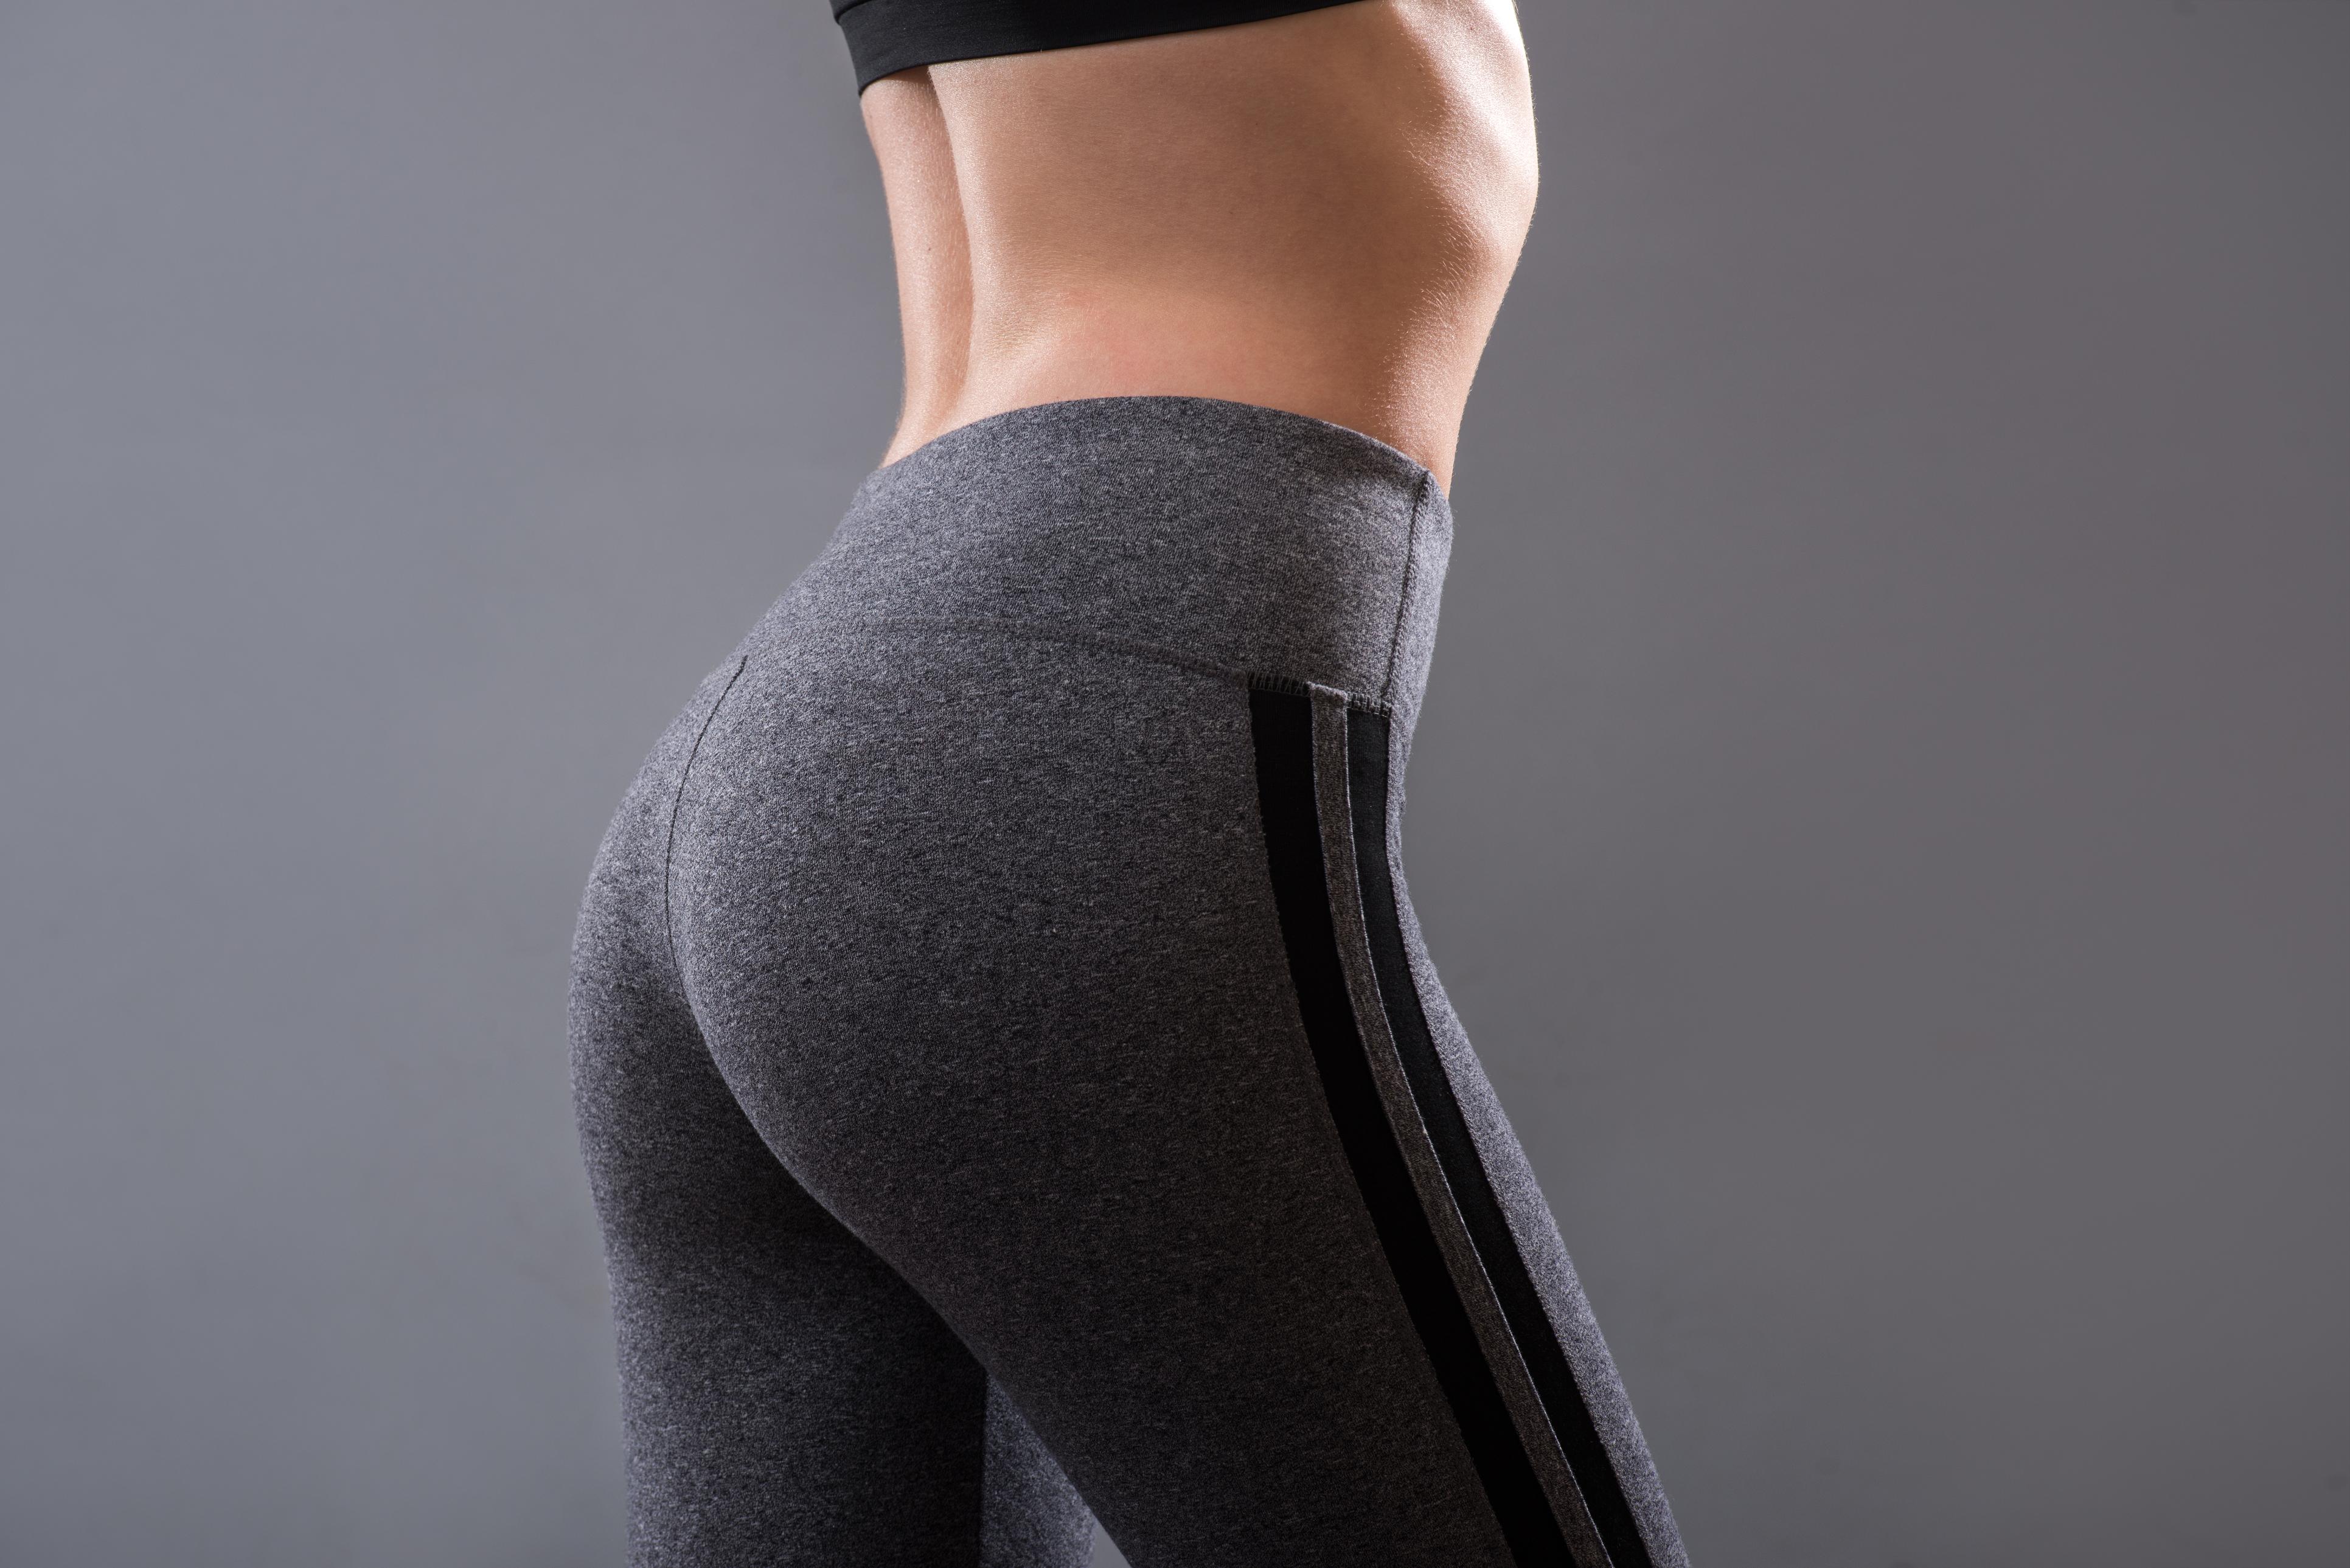 Прості вправи для якісного прокачування сідниць і стегон